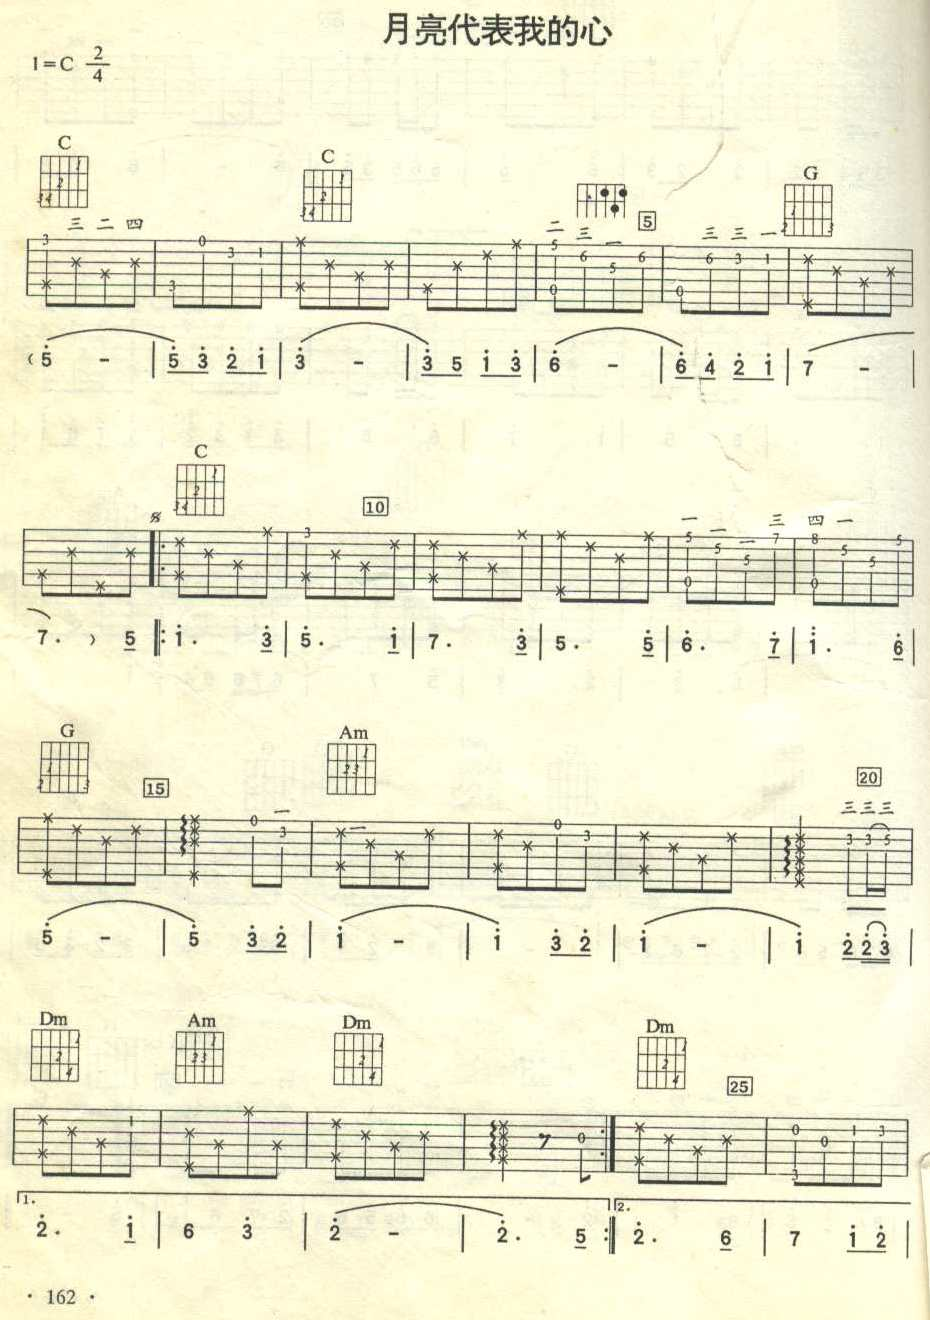 这个《月亮代表我的心》吉他谱供你参考(不清楚是不是刘天礼改编的